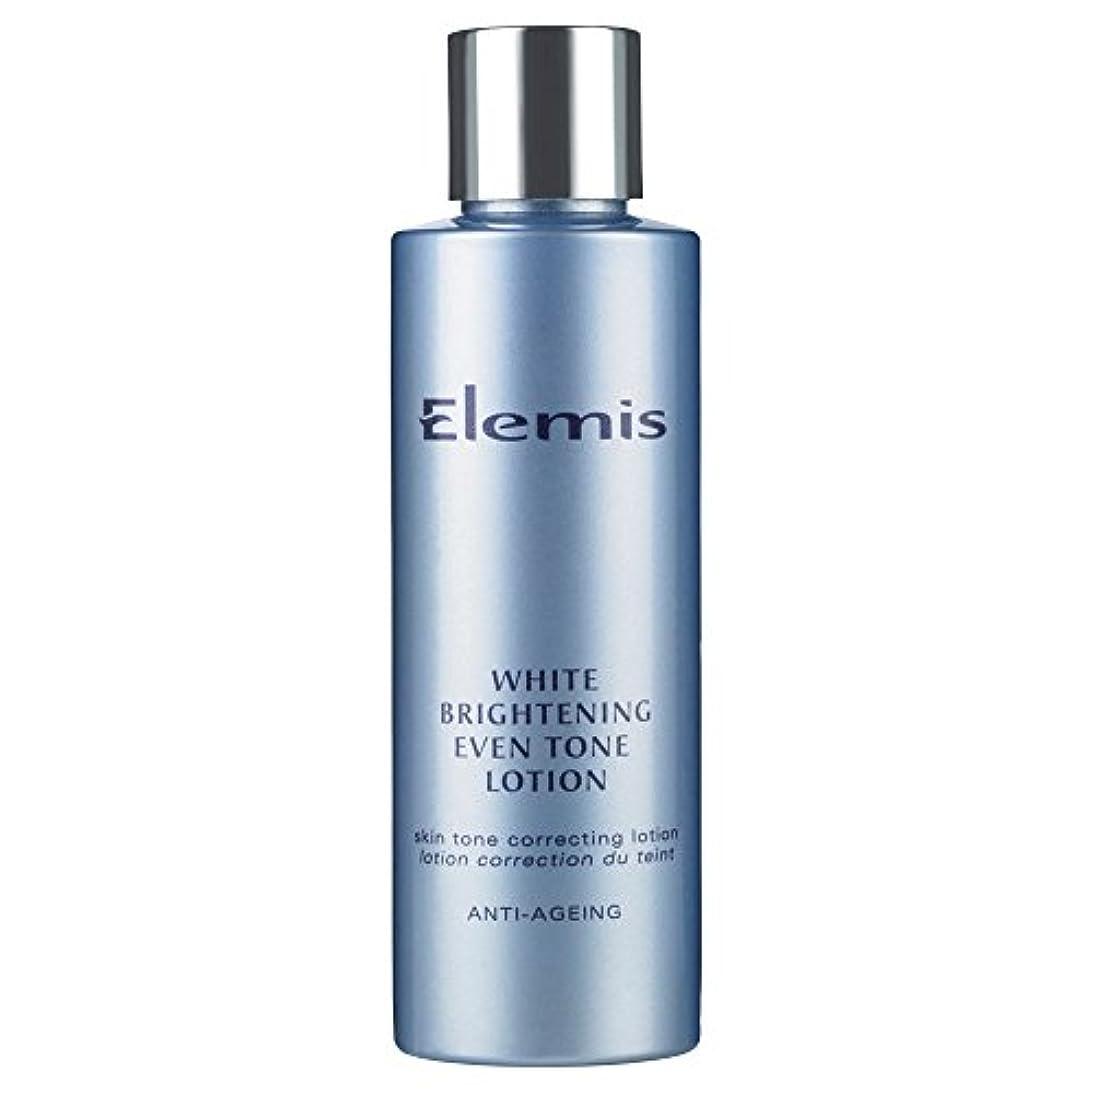 紛争蛇行アーサーコナンドイルエレミス白い光沢さえトーンローション150ミリリットル (Elemis) - Elemis White Brightening Even Tone Lotion 150ml [並行輸入品]